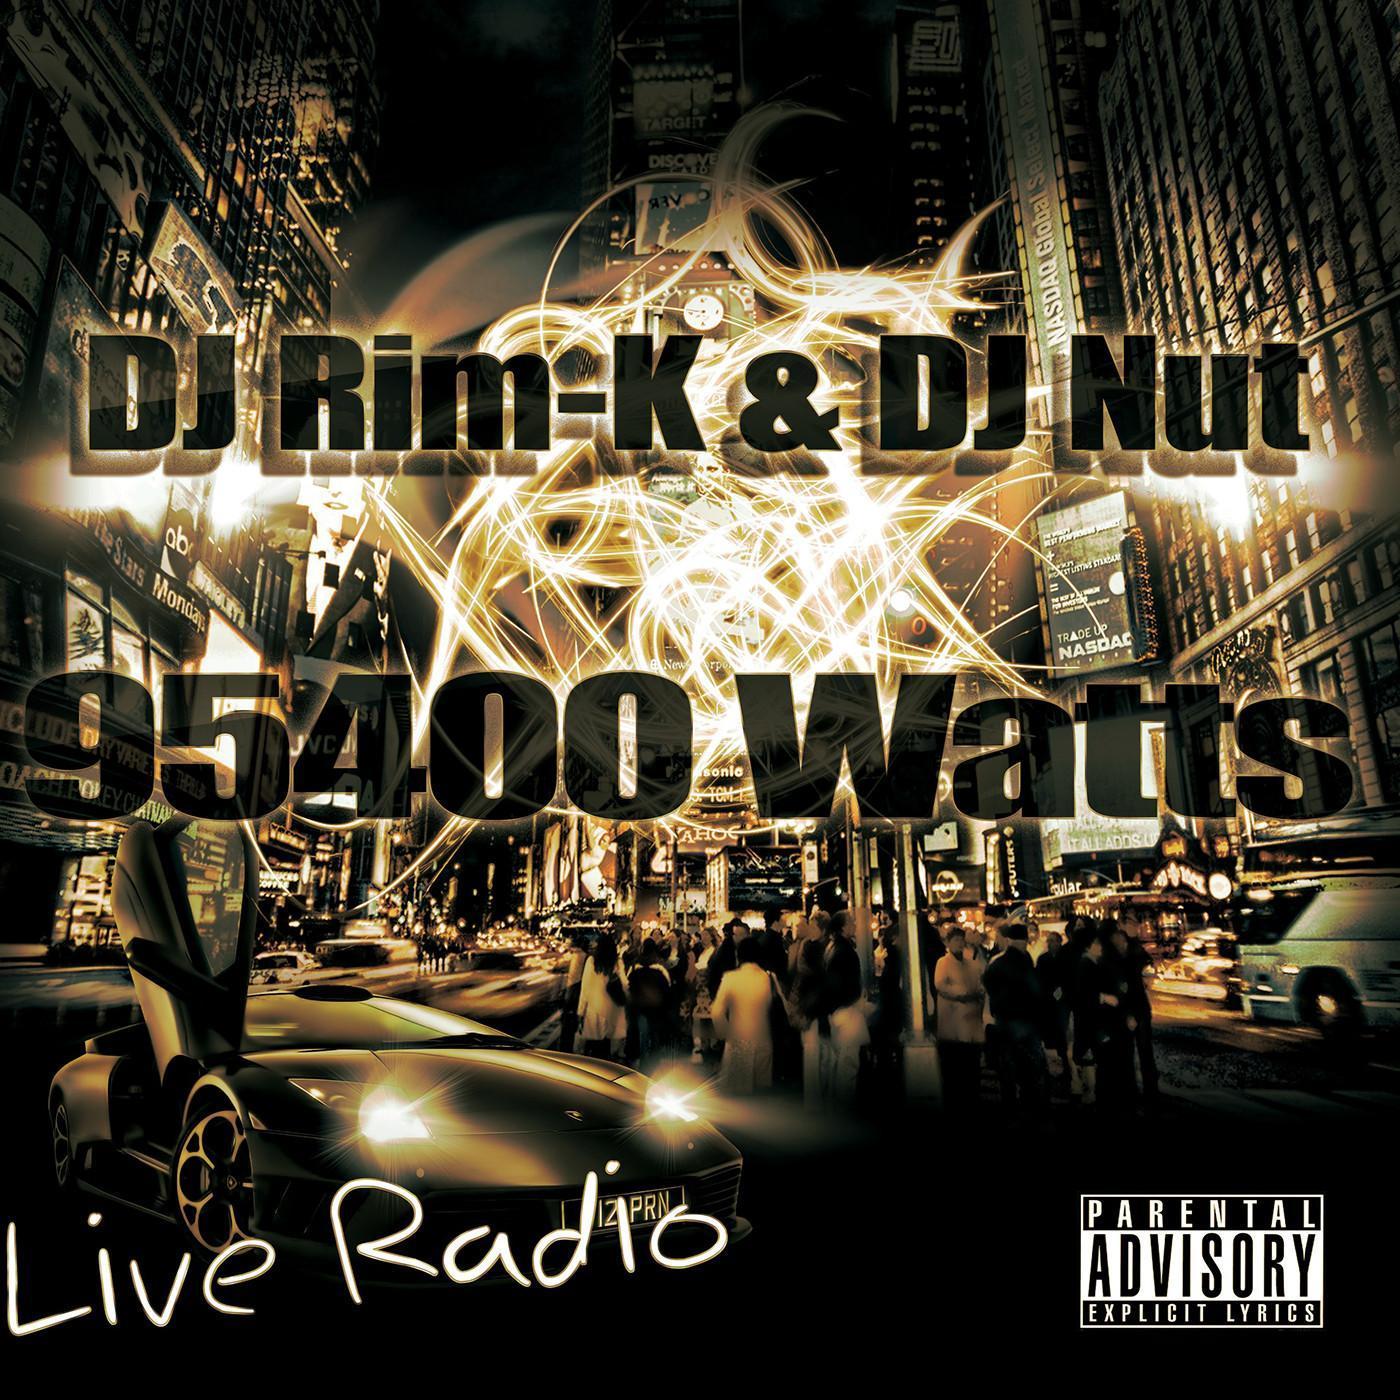 Live Radio Part 2